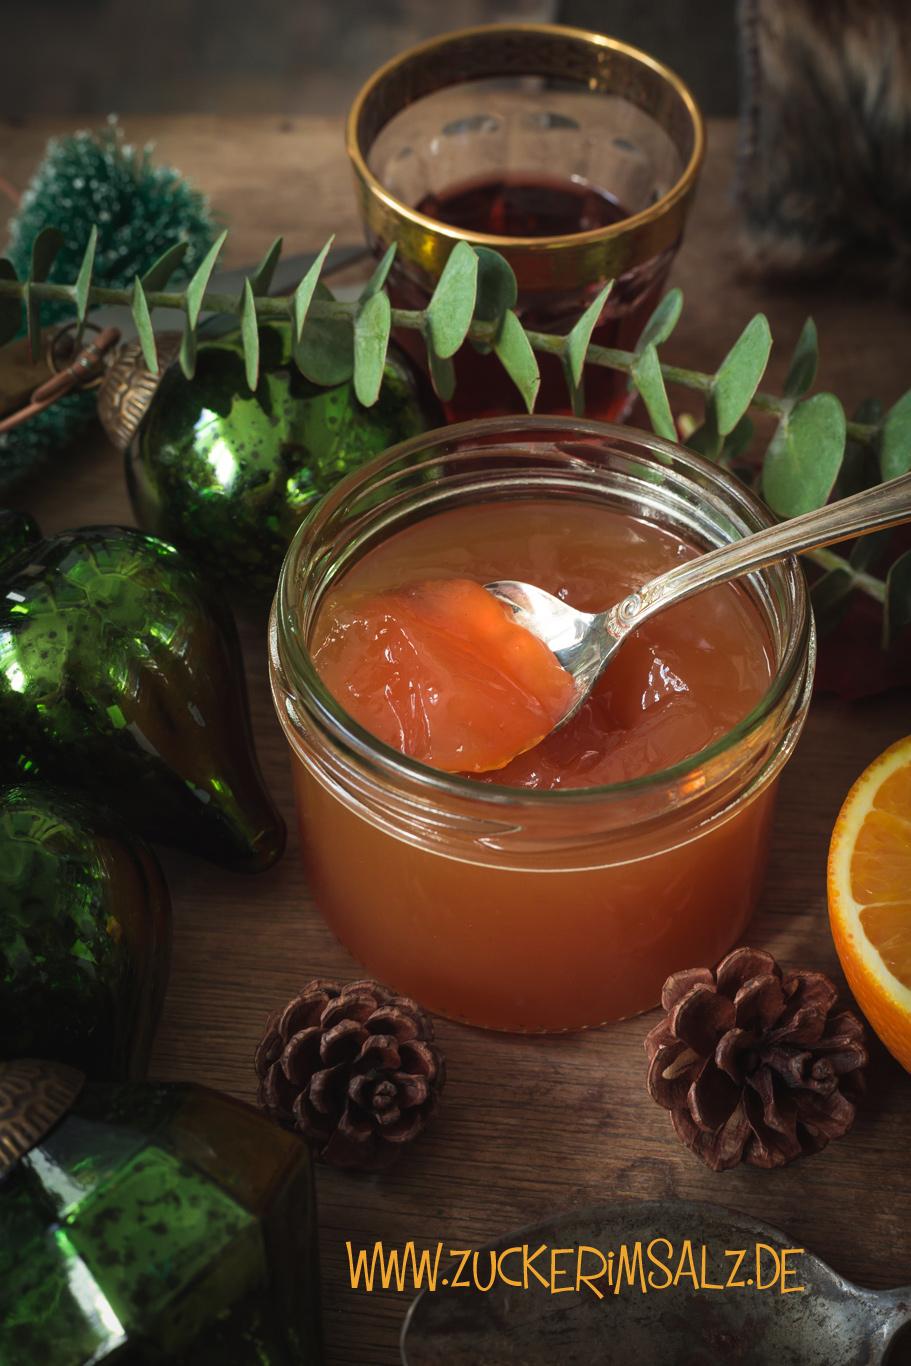 Samtpfötchen Orangenpunsch von Zuckerimsalz